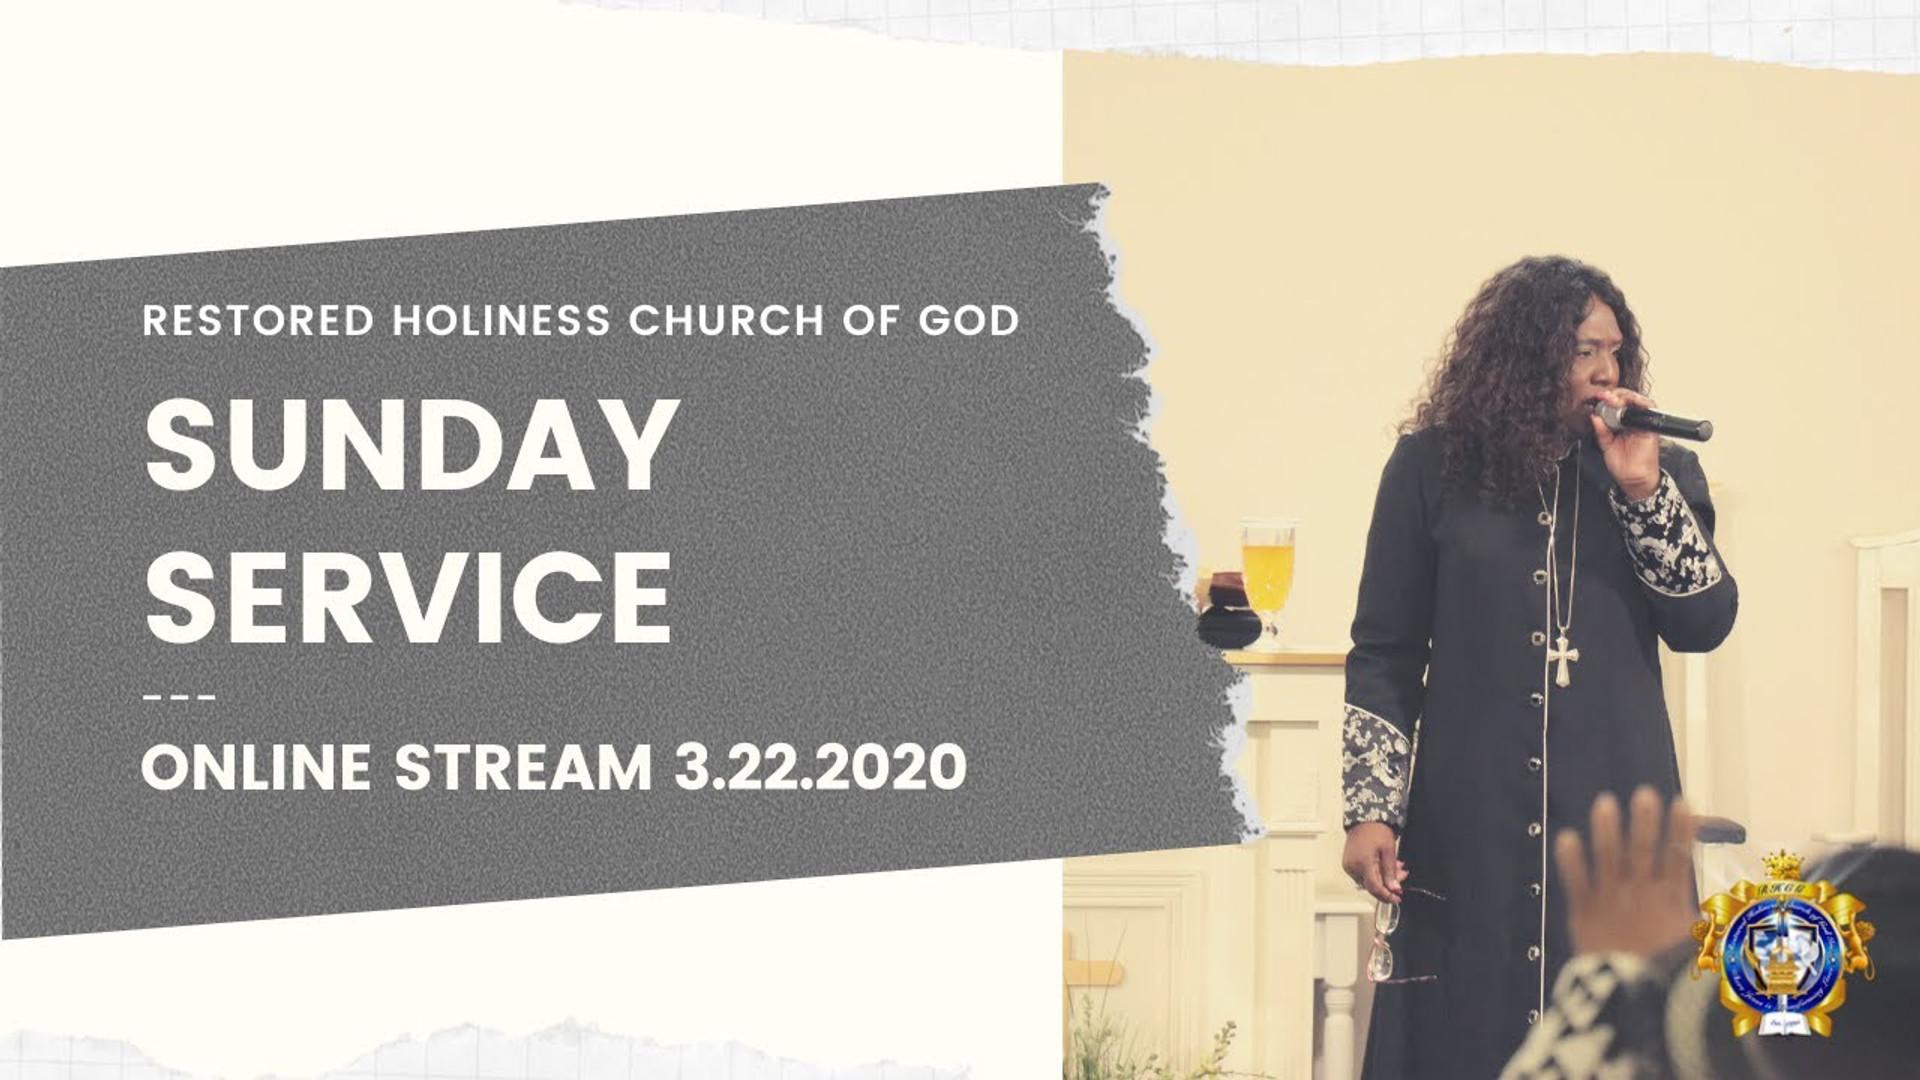 Sunday Service 3.22.2020